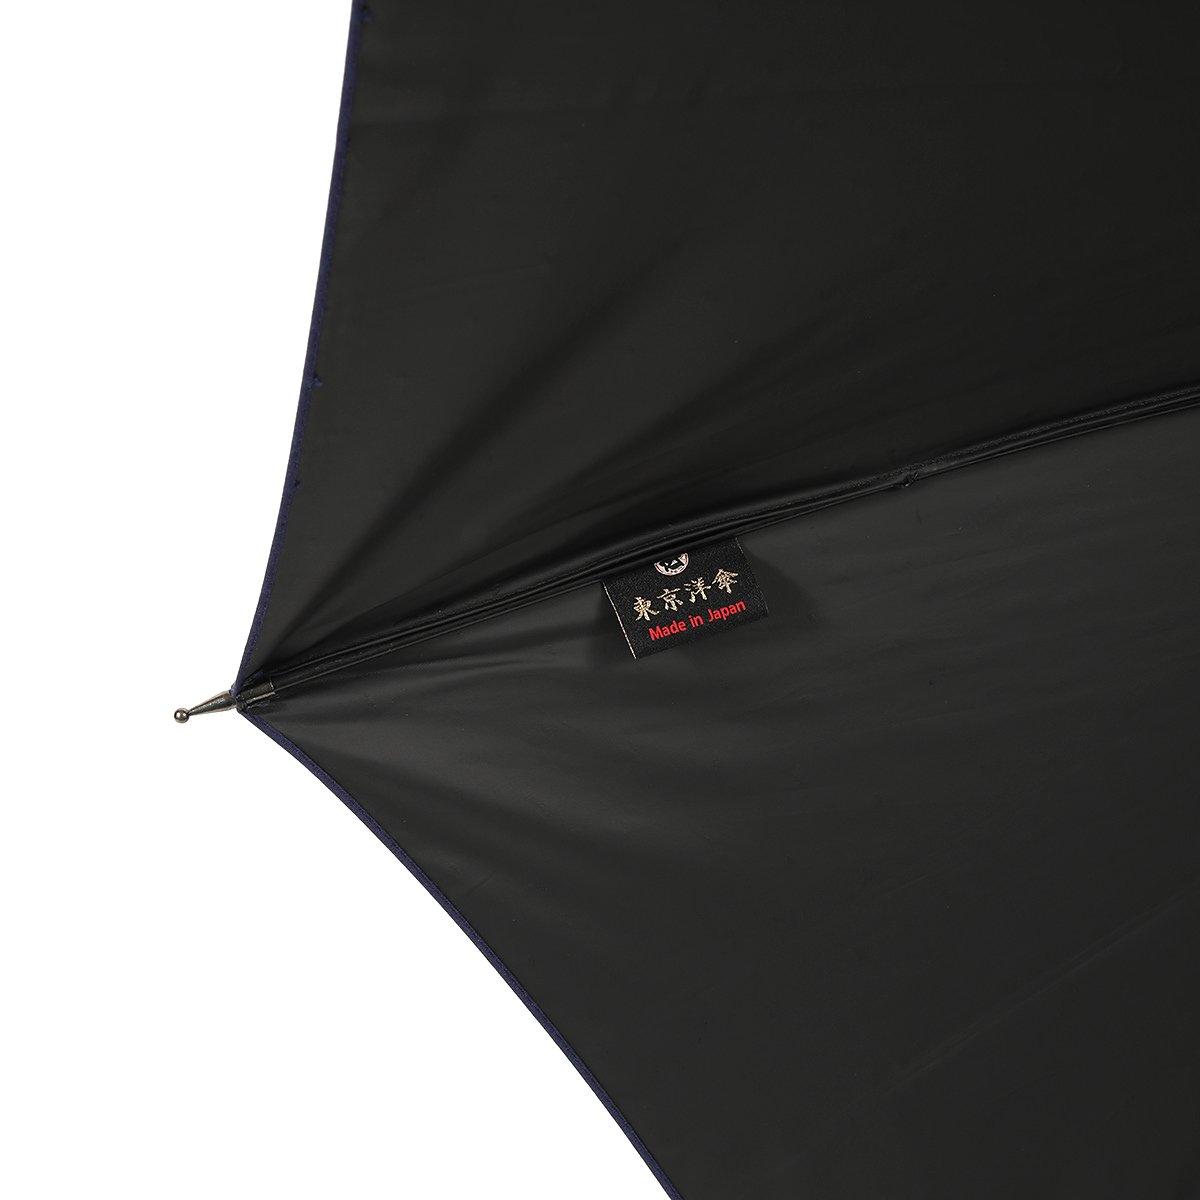 【一級遮光】スライドシャフト ネイビー×ネイビー ドビー 日傘 詳細画像6